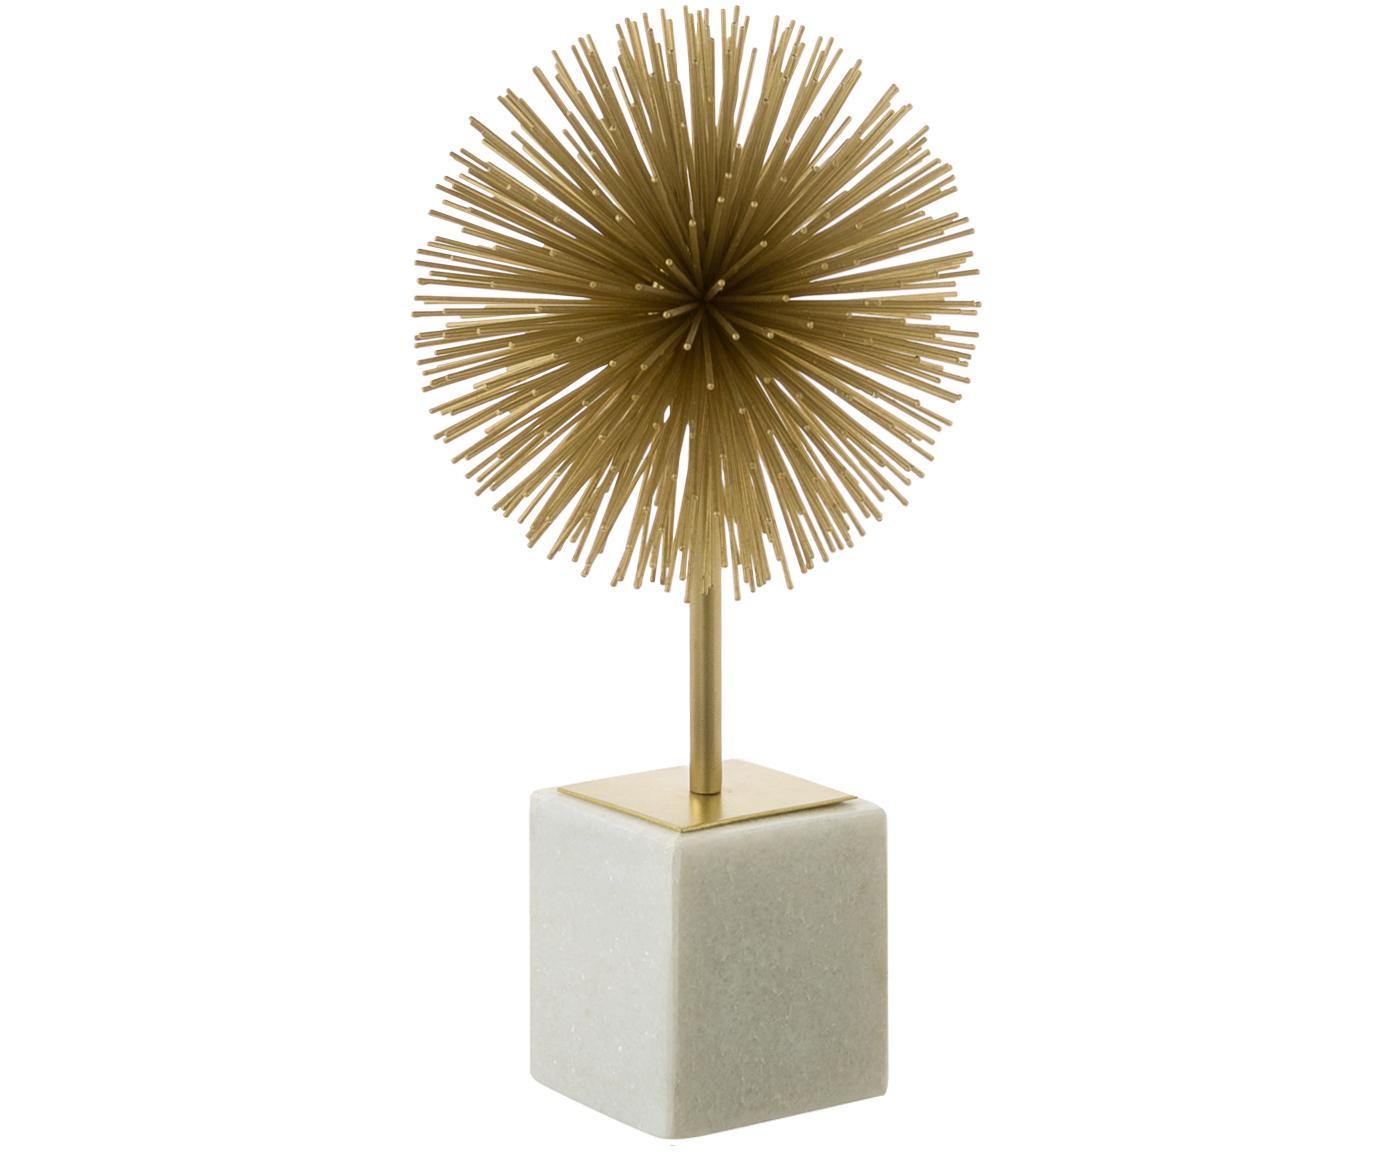 Deko-Objekt Marball, Aufsatz: Metall, Fuß: Marmor, Unterseite: Filz, Goldfarben, Weiß, H 30 cm